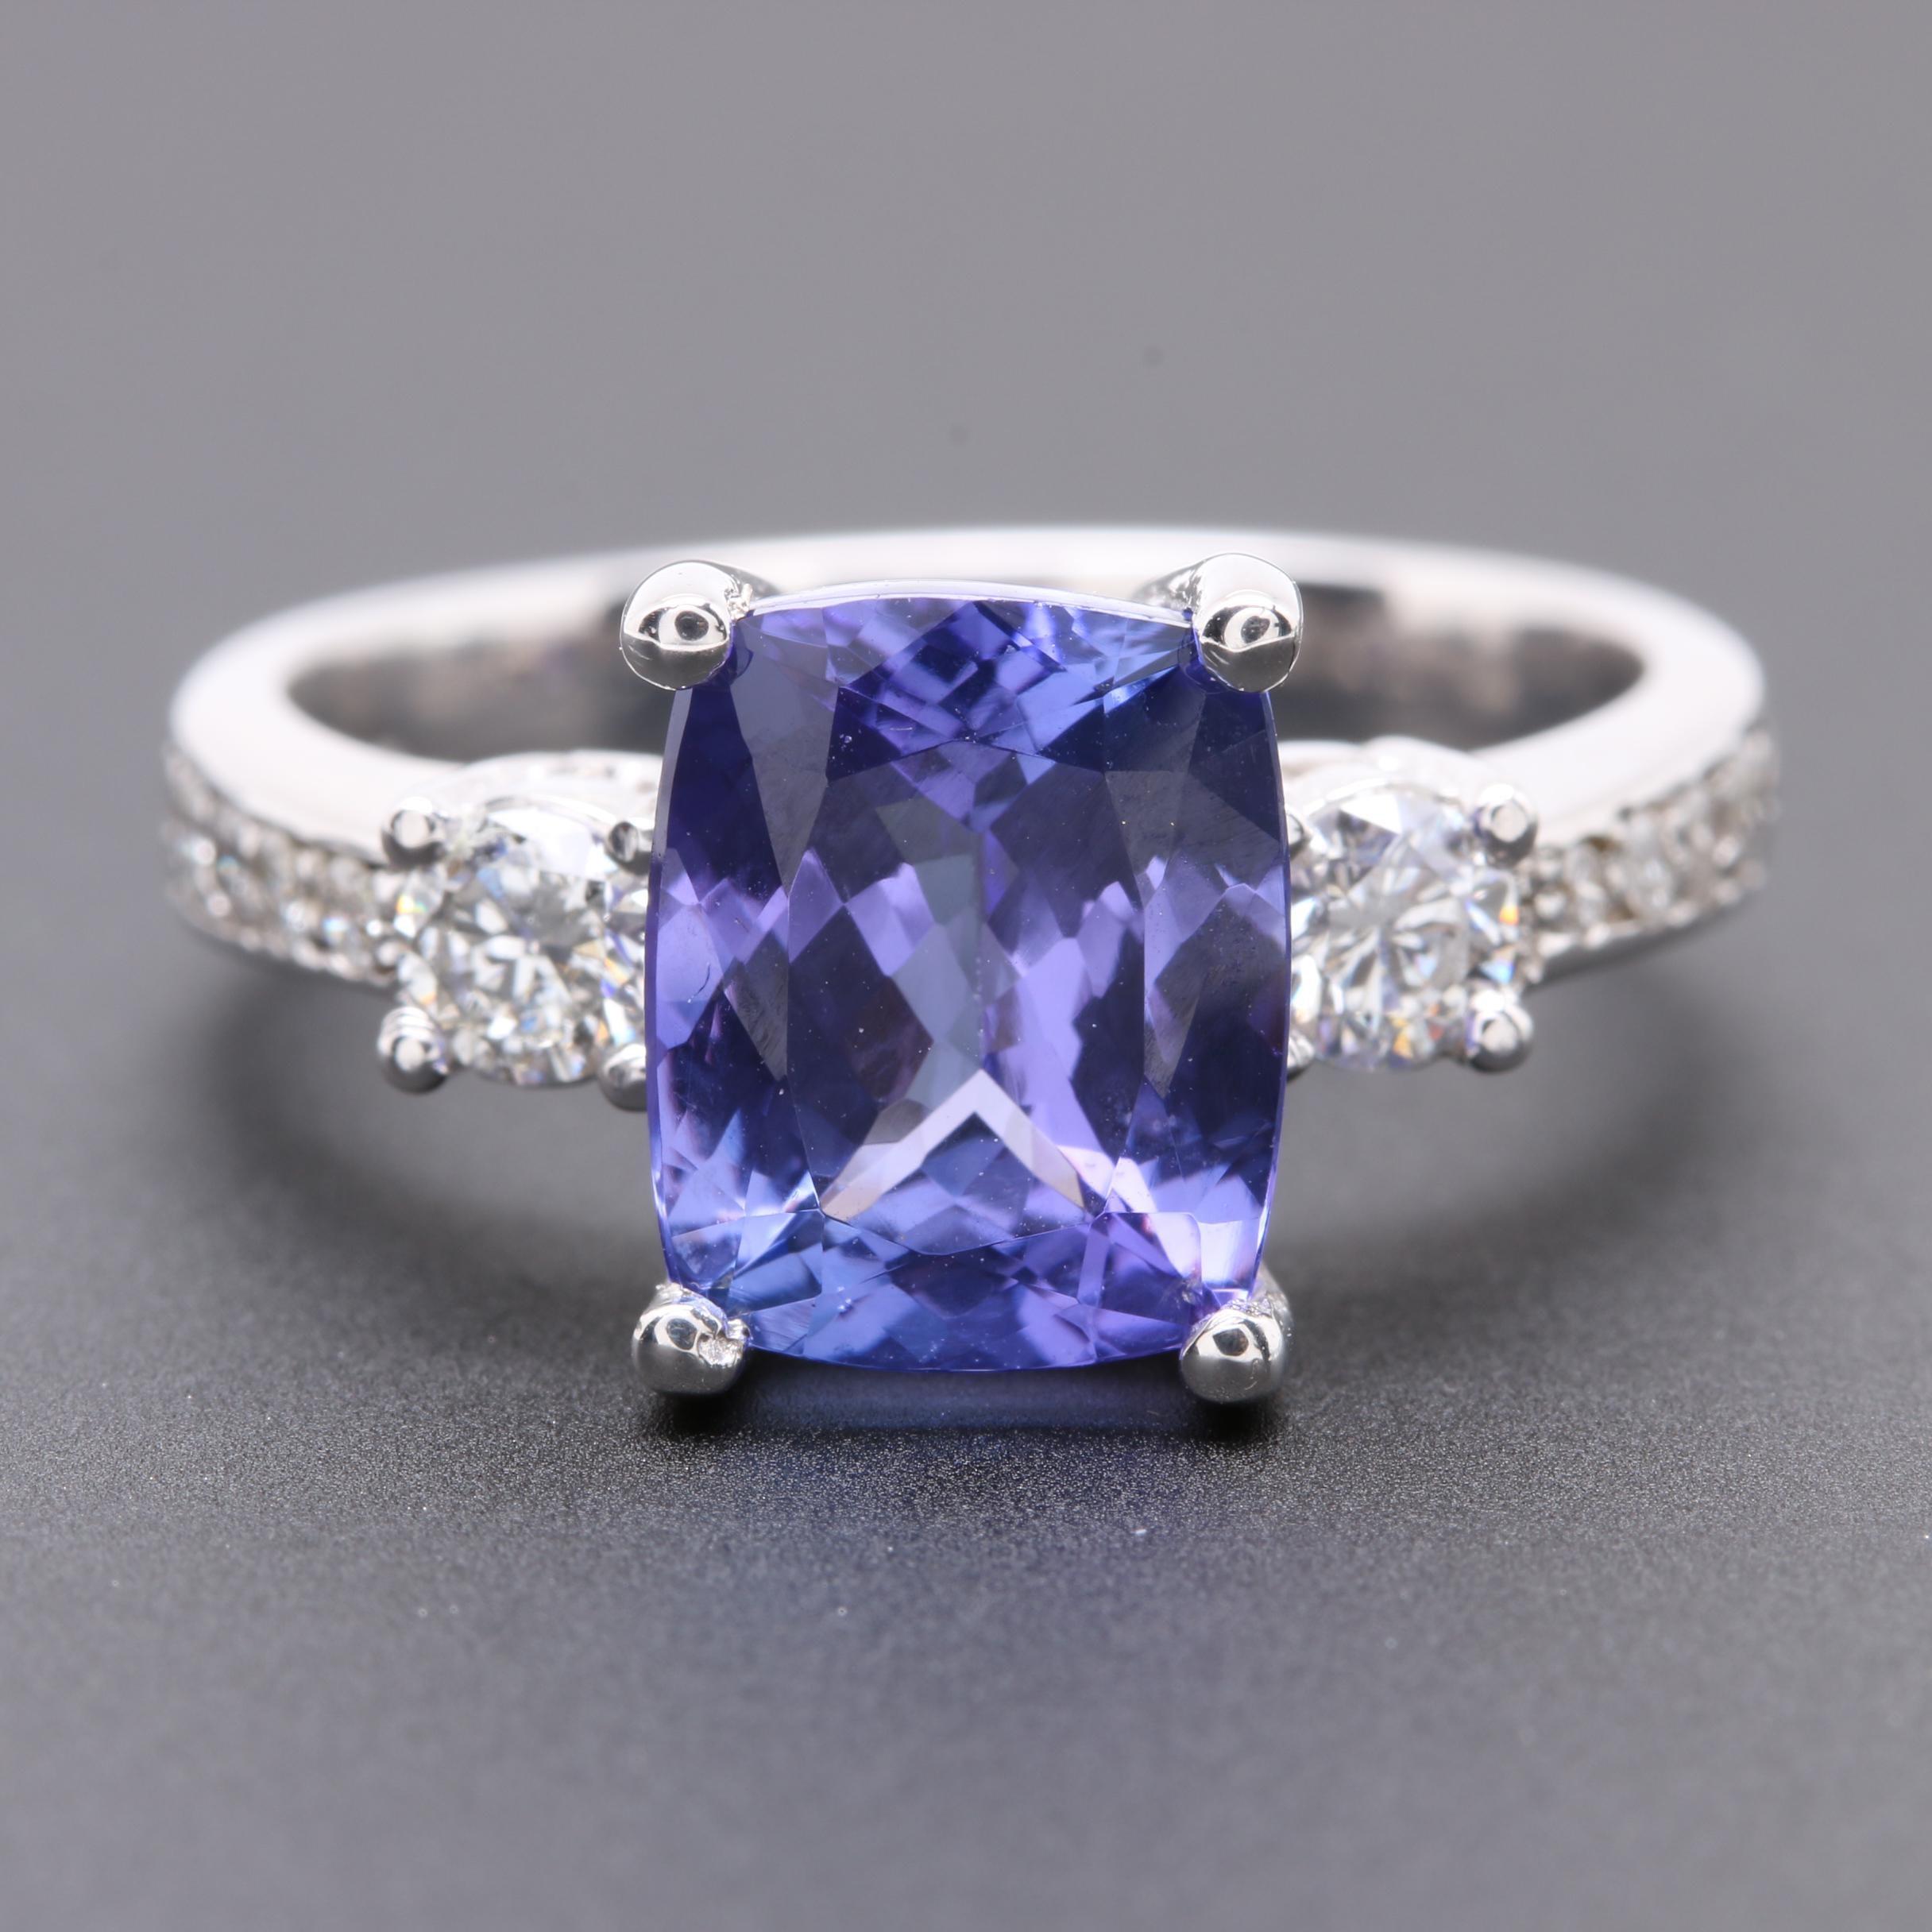 18K White Gold 3.23 CT Tanzanite and Diamond Ring